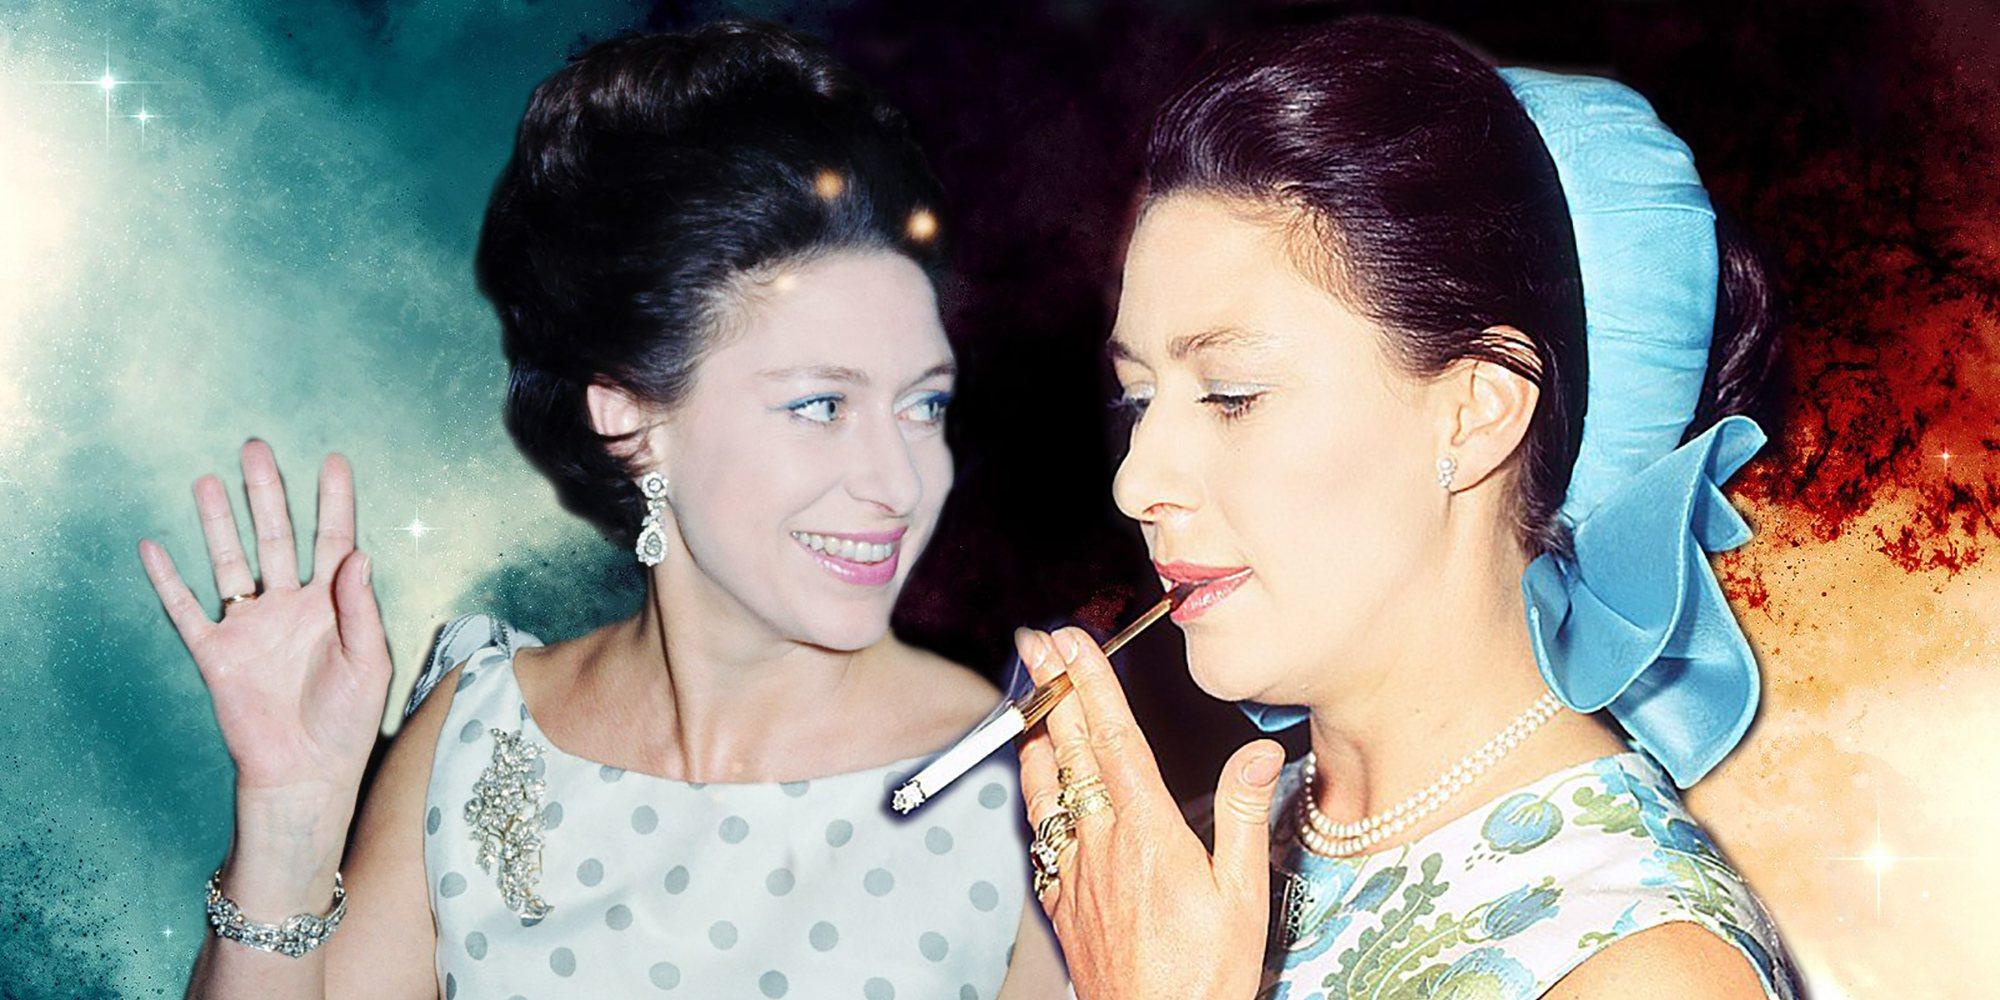 Las dos caras de la Princesa Margarita, la hermana irreverente de la Reina Isabel